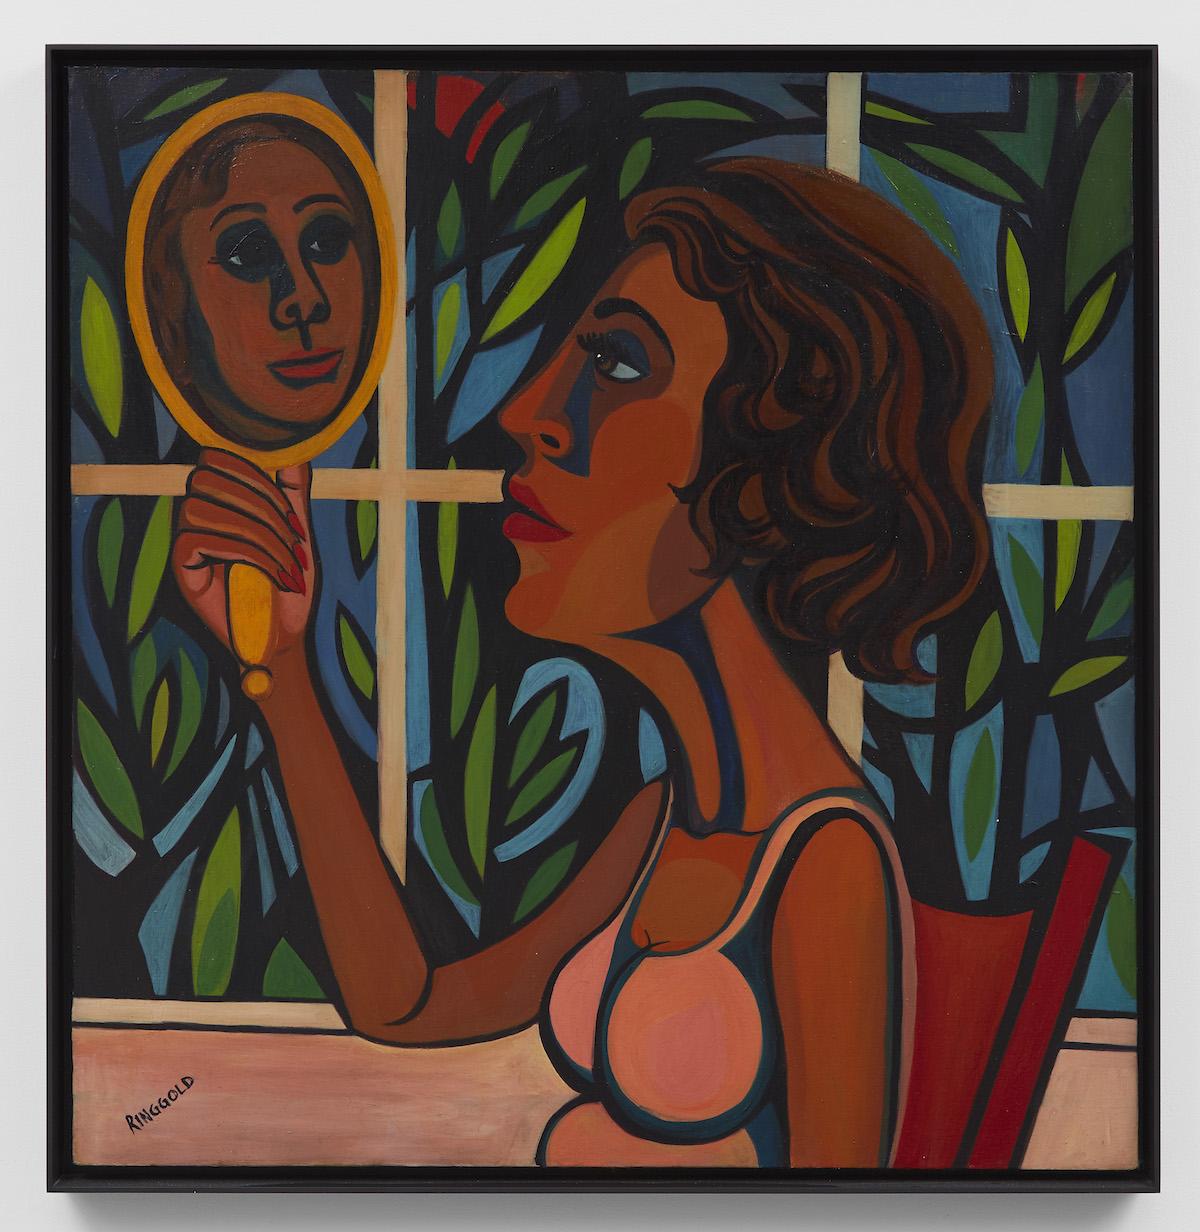 American People Series #16: Woman Looking in a Mirror, 1966